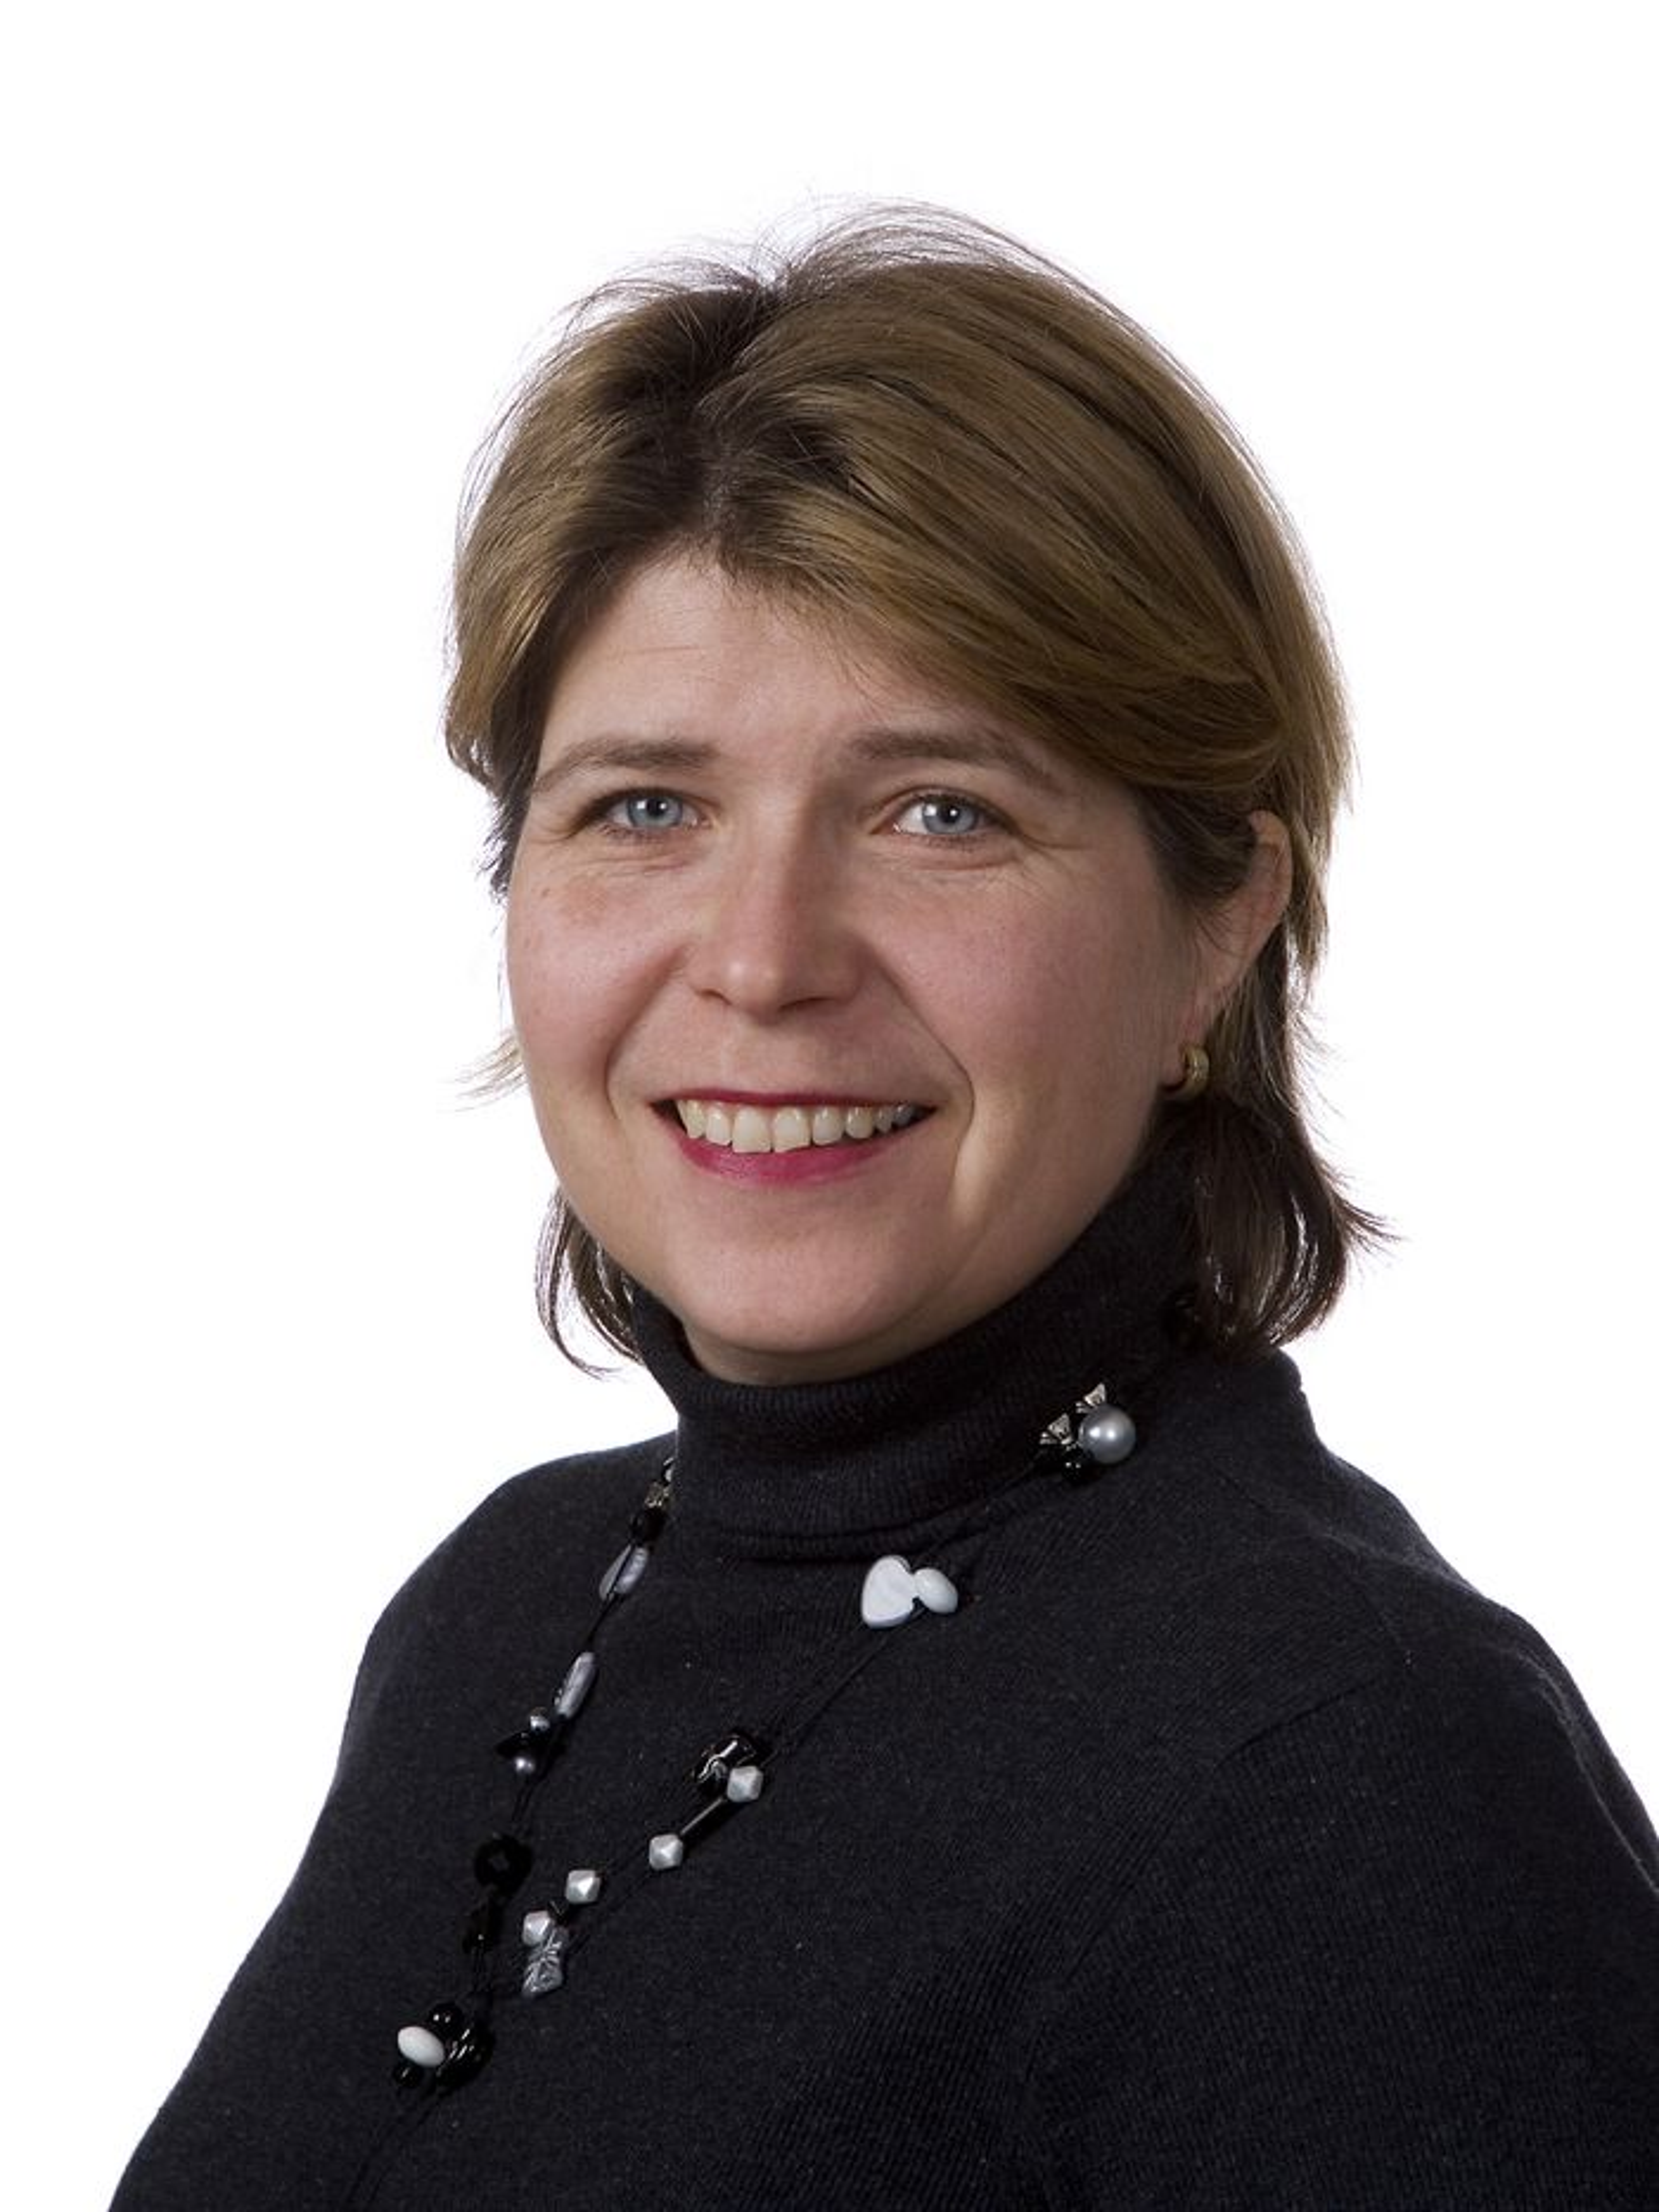 IKKE BIFF: Kommunikasjonsdirektør Nina Sundqvist i Nortura frykter ikke at laboratoriedyrket kjøtt vil erstatte biff.